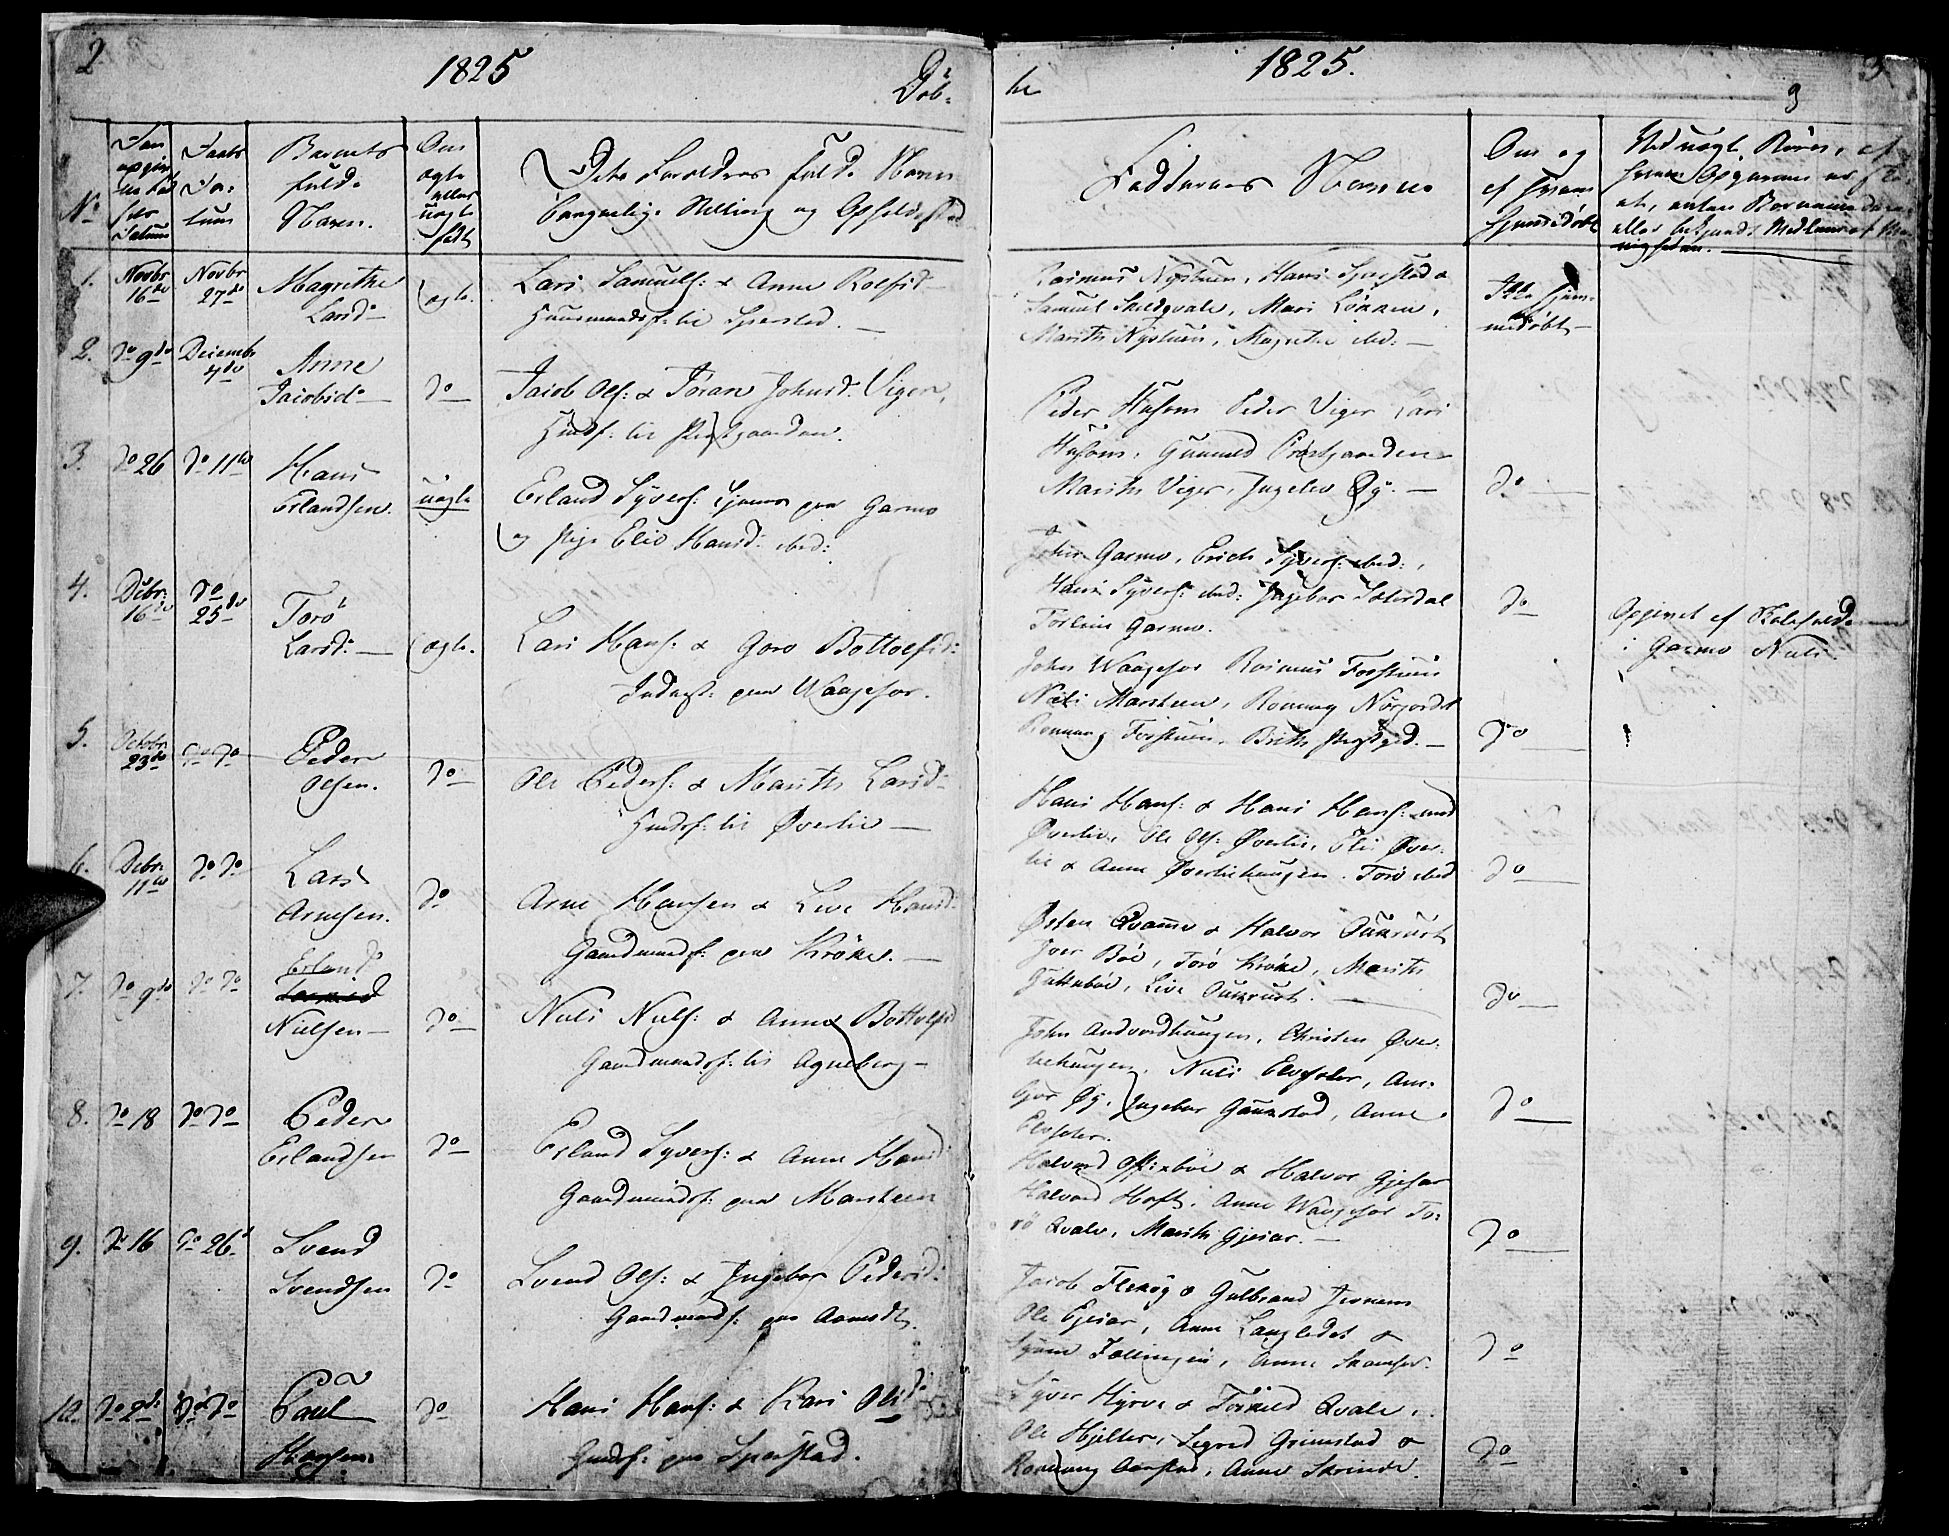 SAH, Lom prestekontor, K/L0005: Ministerialbok nr. 5, 1825-1837, s. 2-3